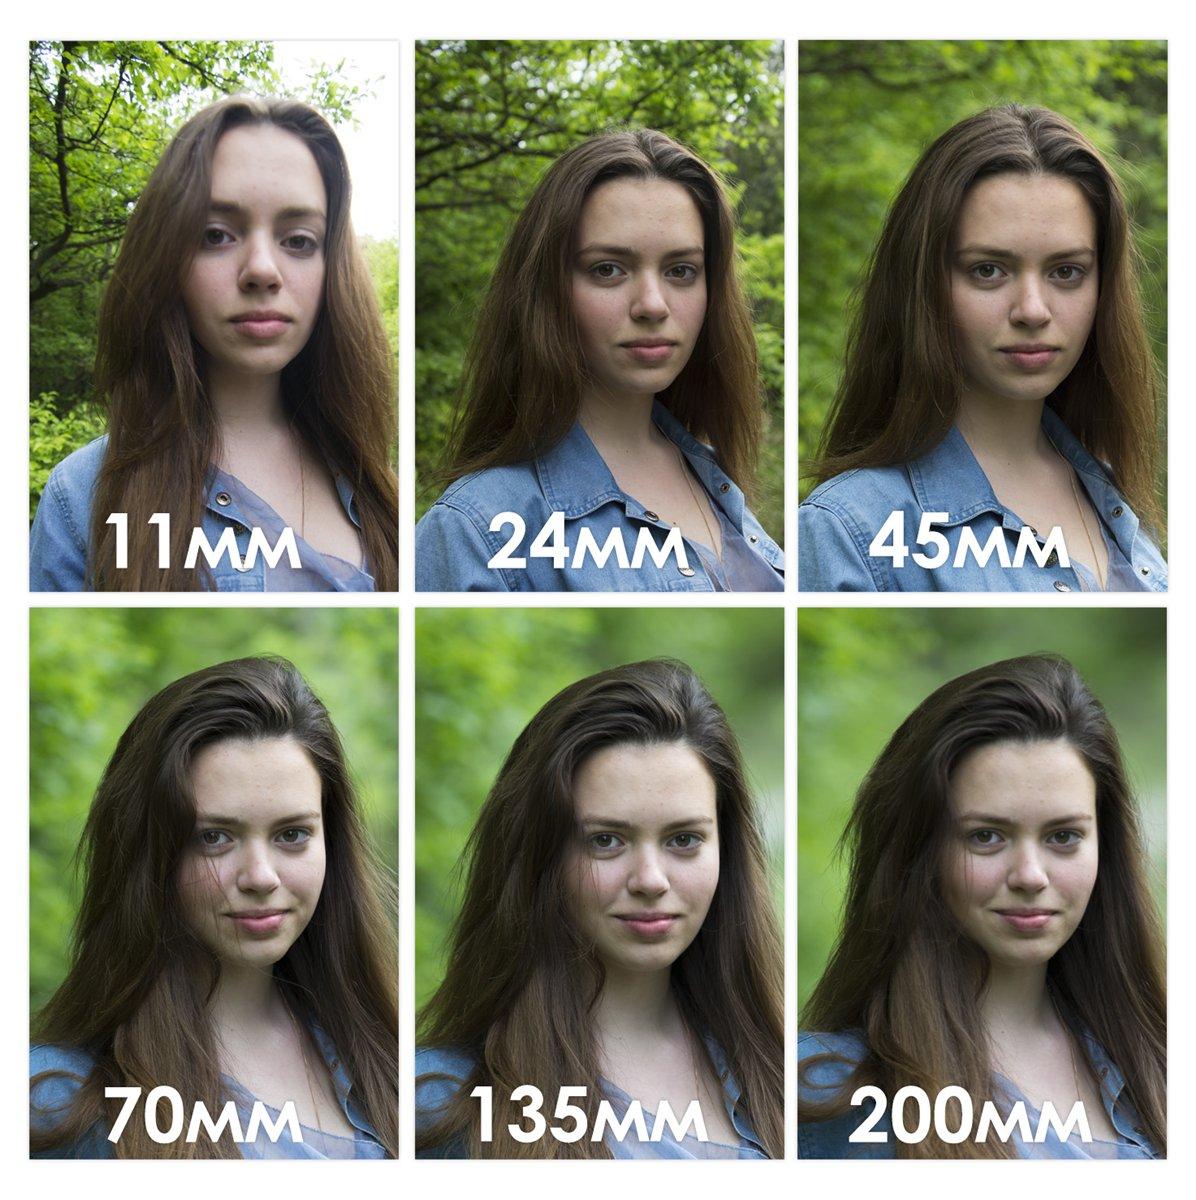 примеры фото зависимость фокусного расстояния чтобы